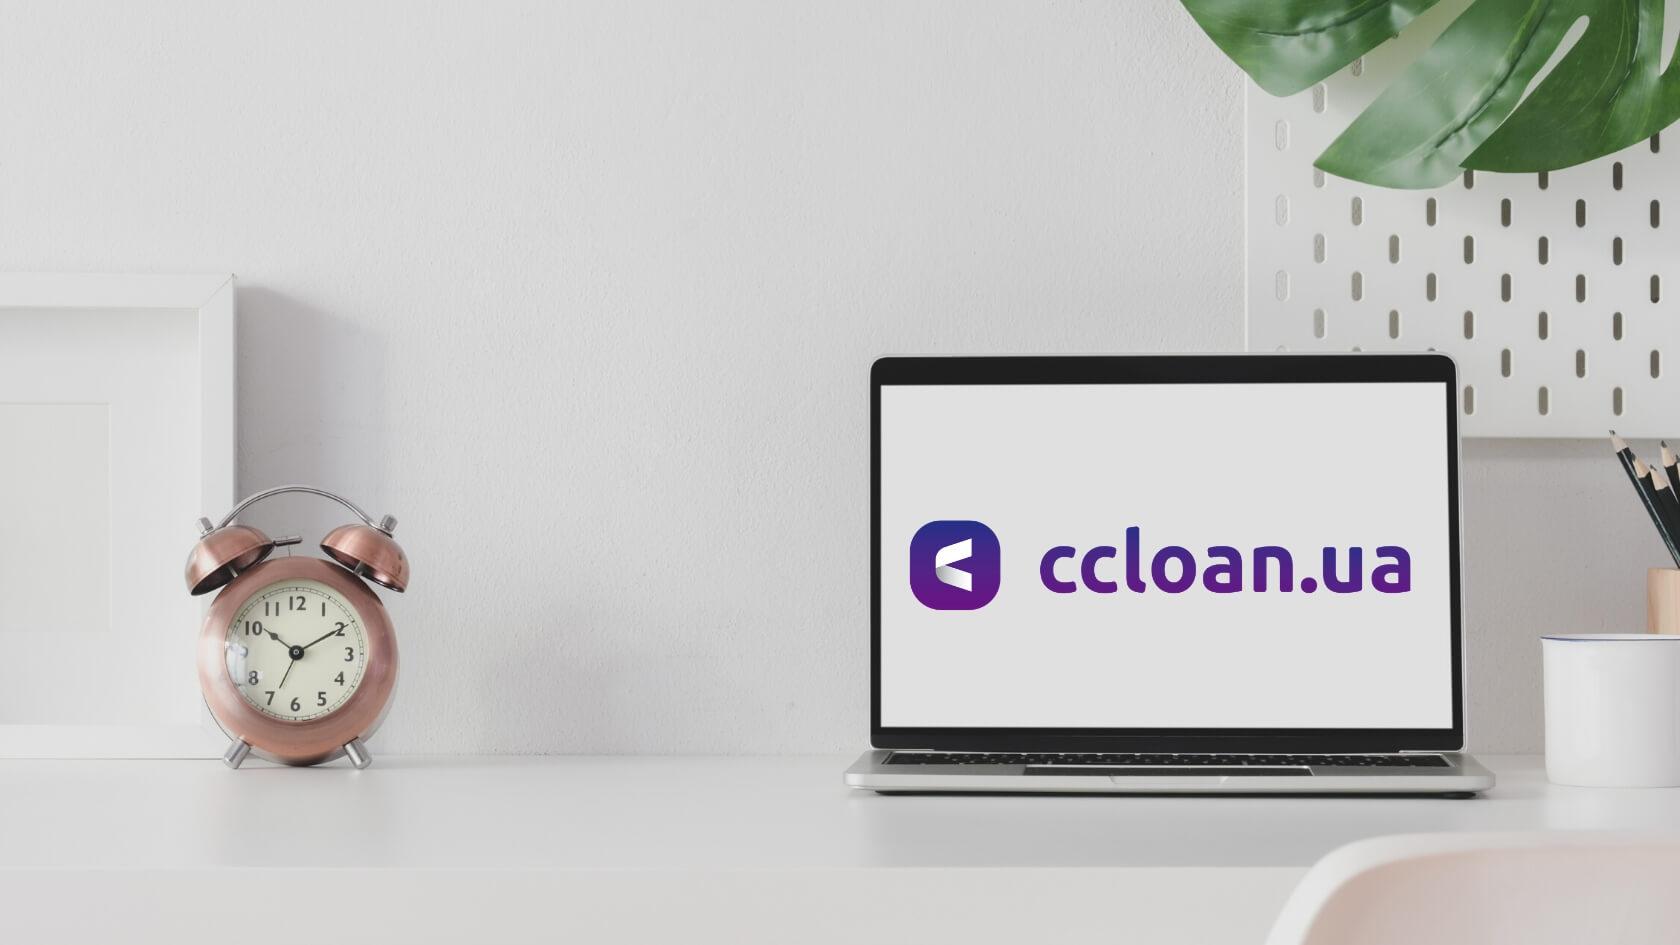 Условия кредитования Ccloan